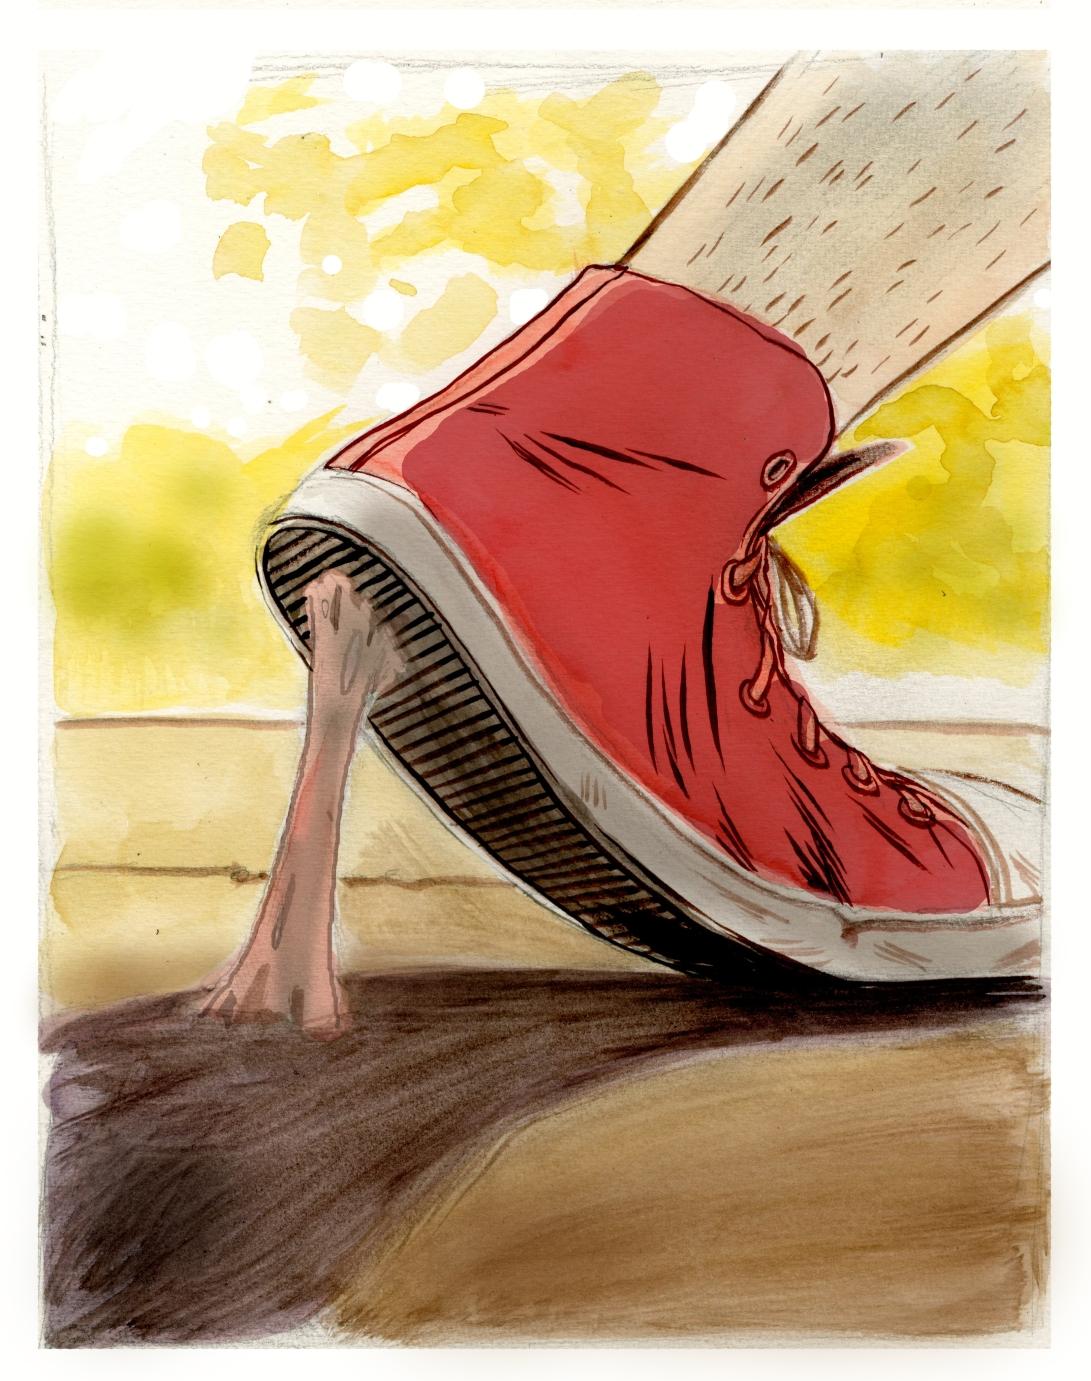 Illustration Friday: Stretch